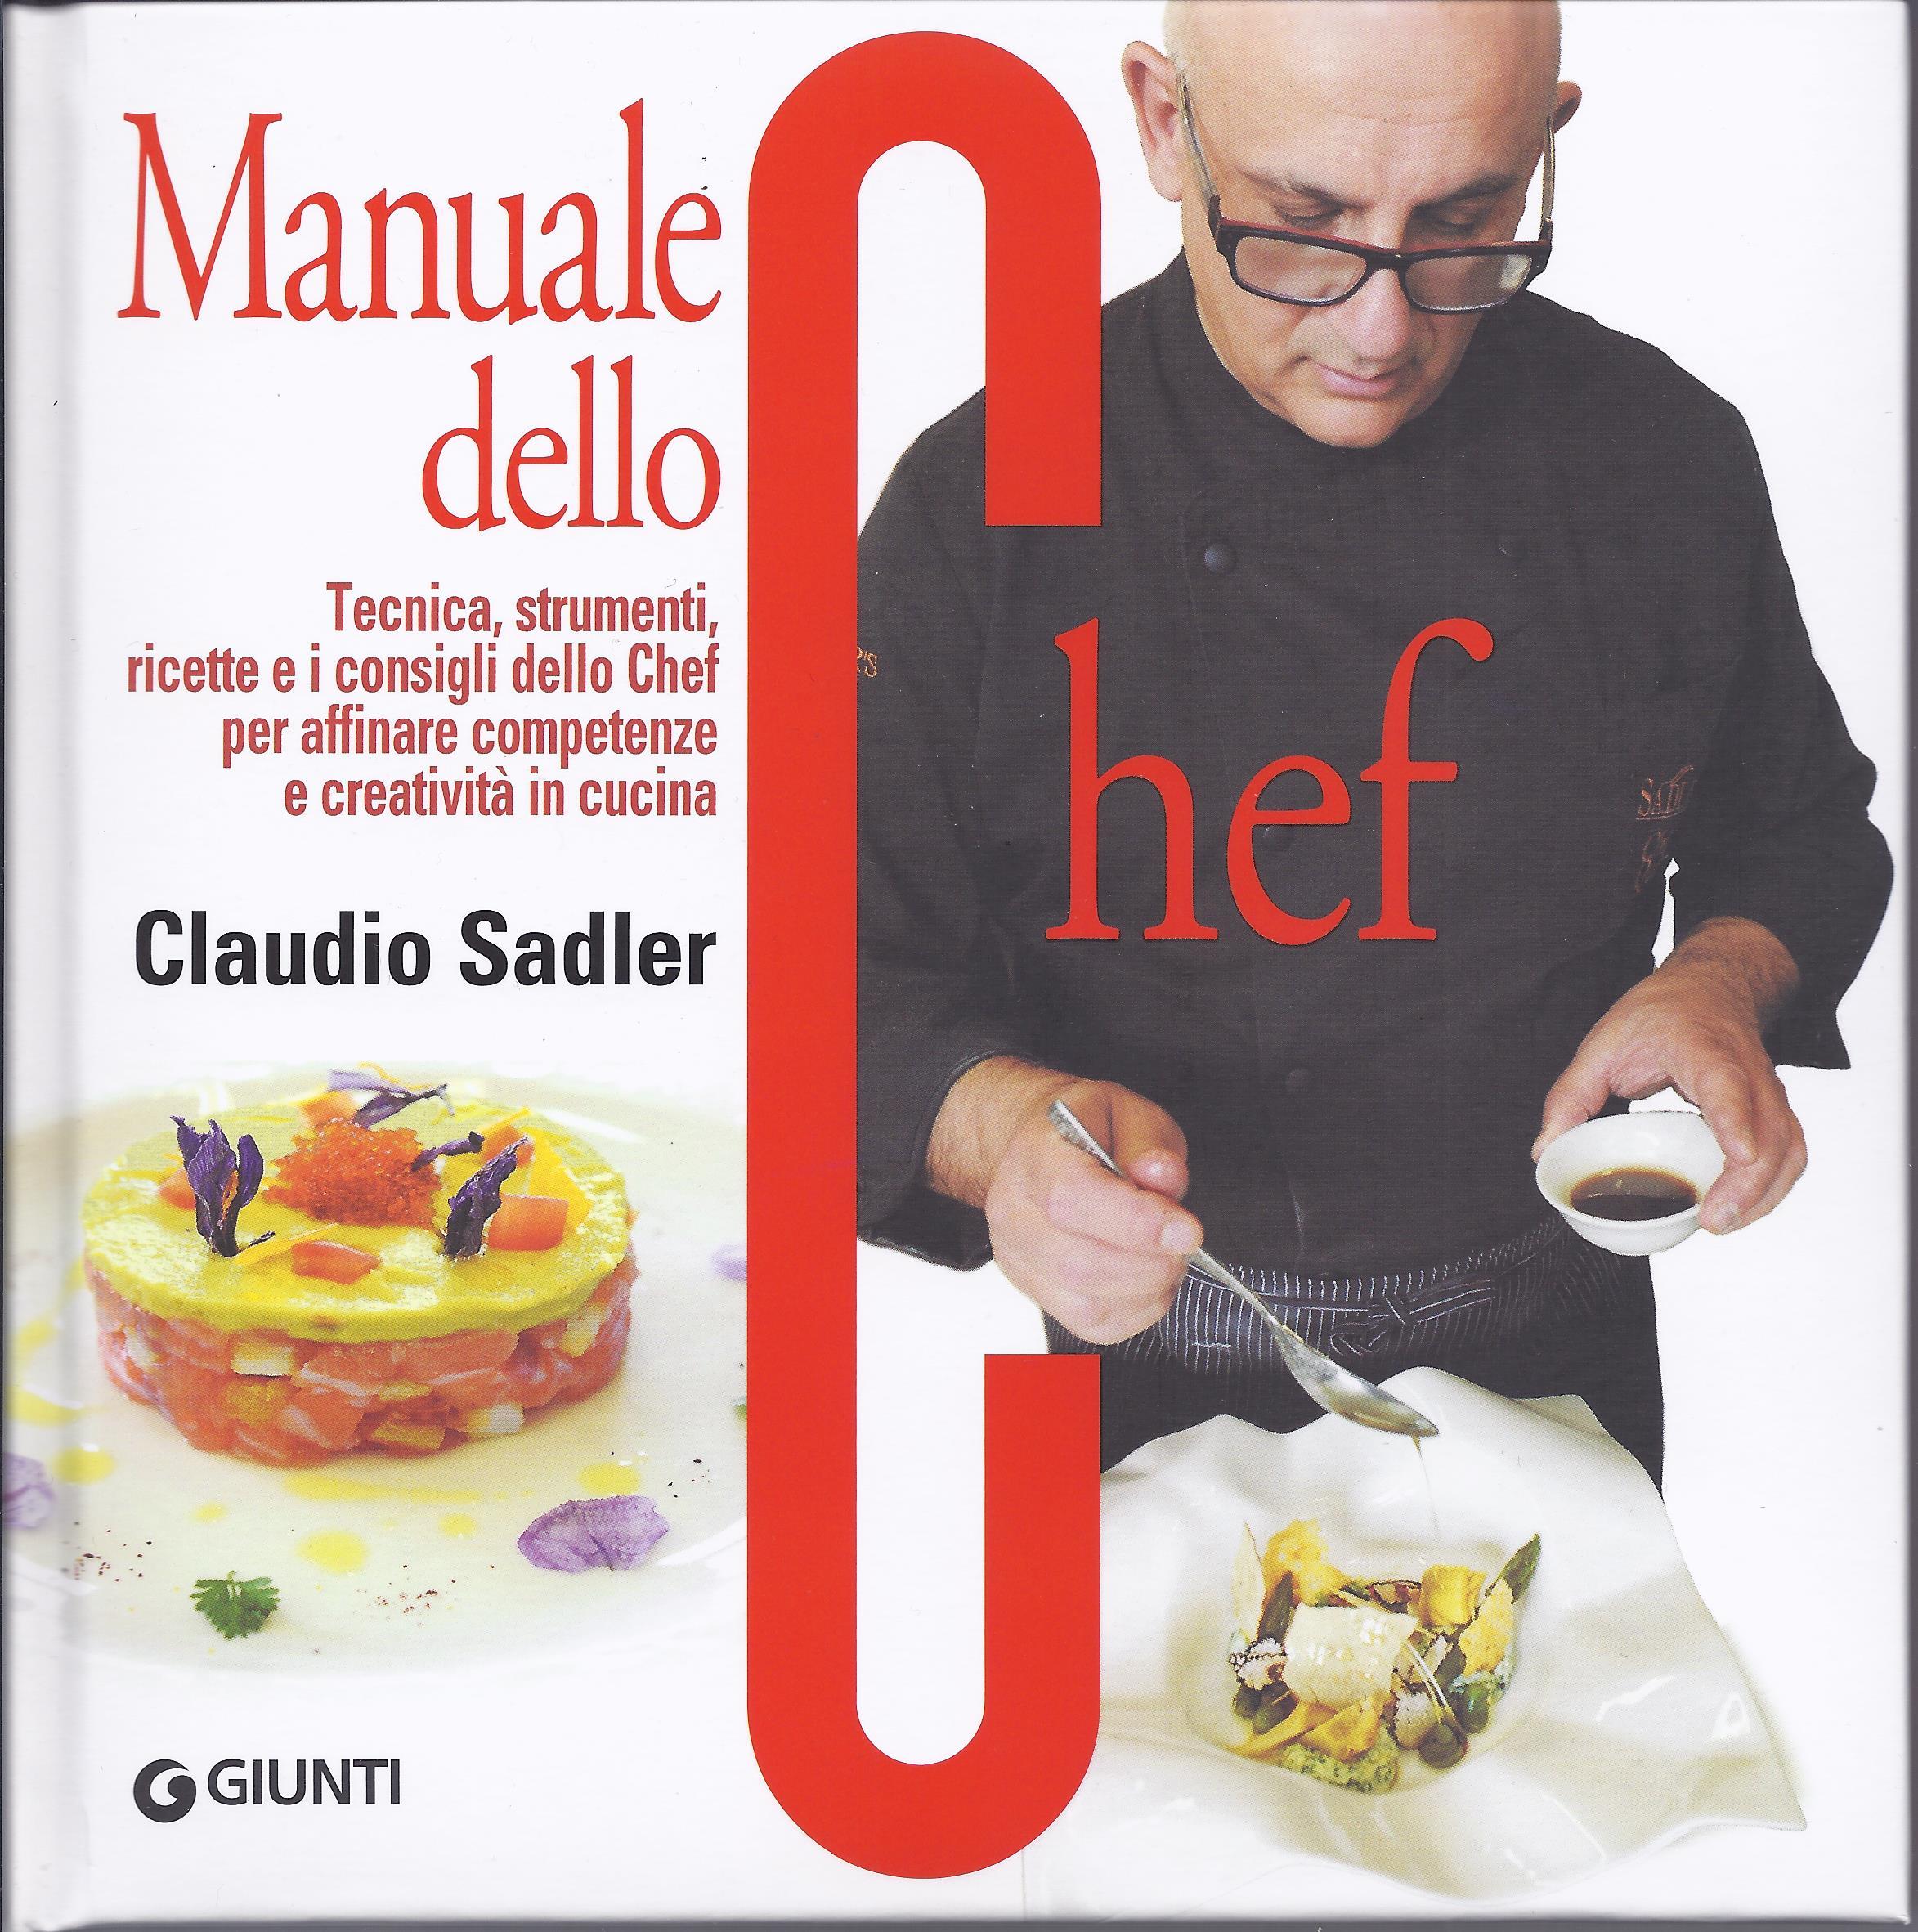 Manuale dello chef. Tecnica, strumenti, ricette e i consigli dello chef per affinare competenze e creatività in cucina